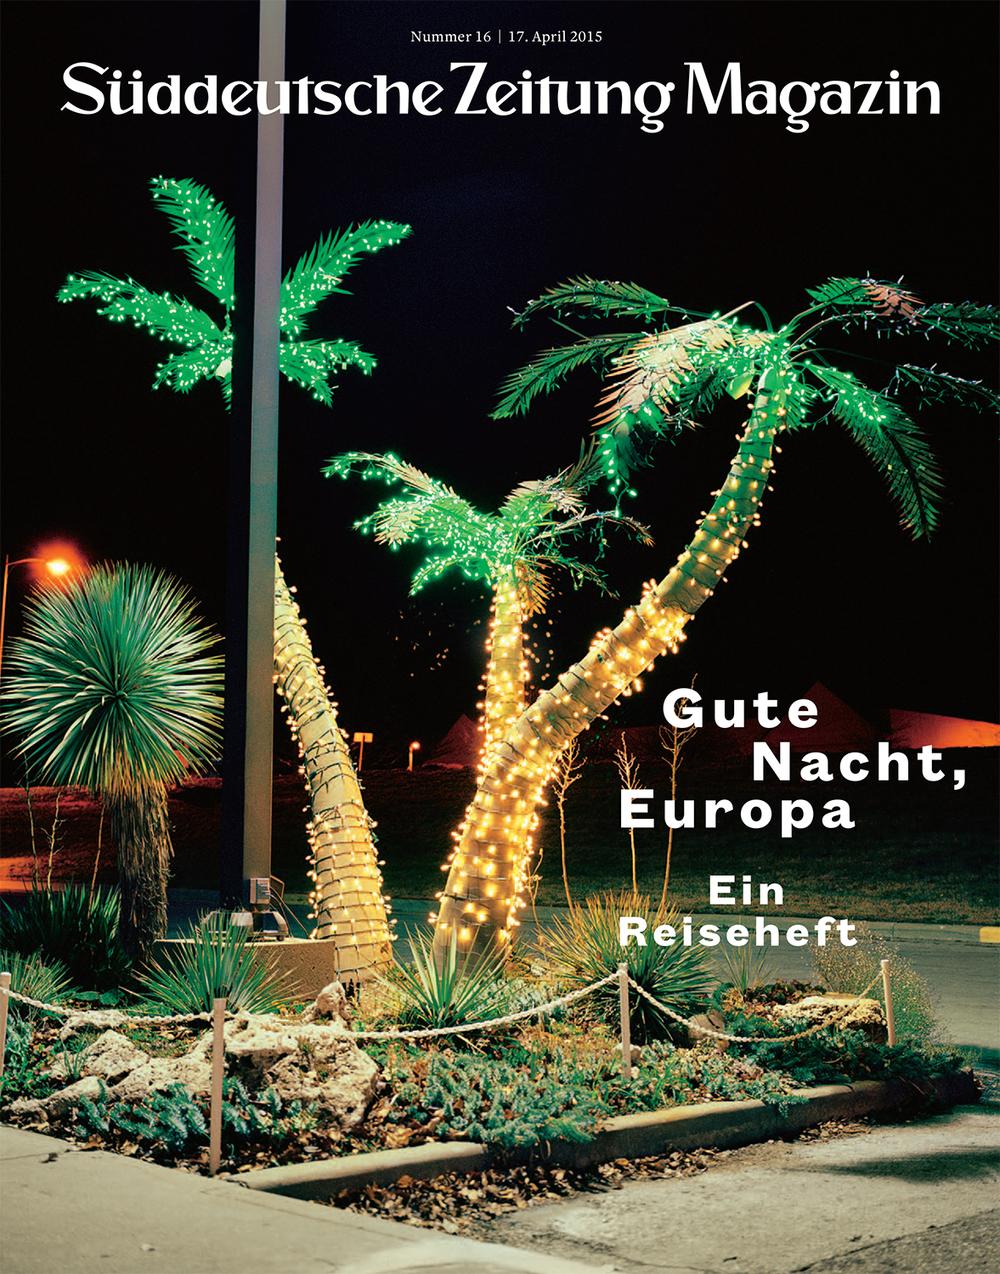 Süddeutsche Zeitung Magazin cover